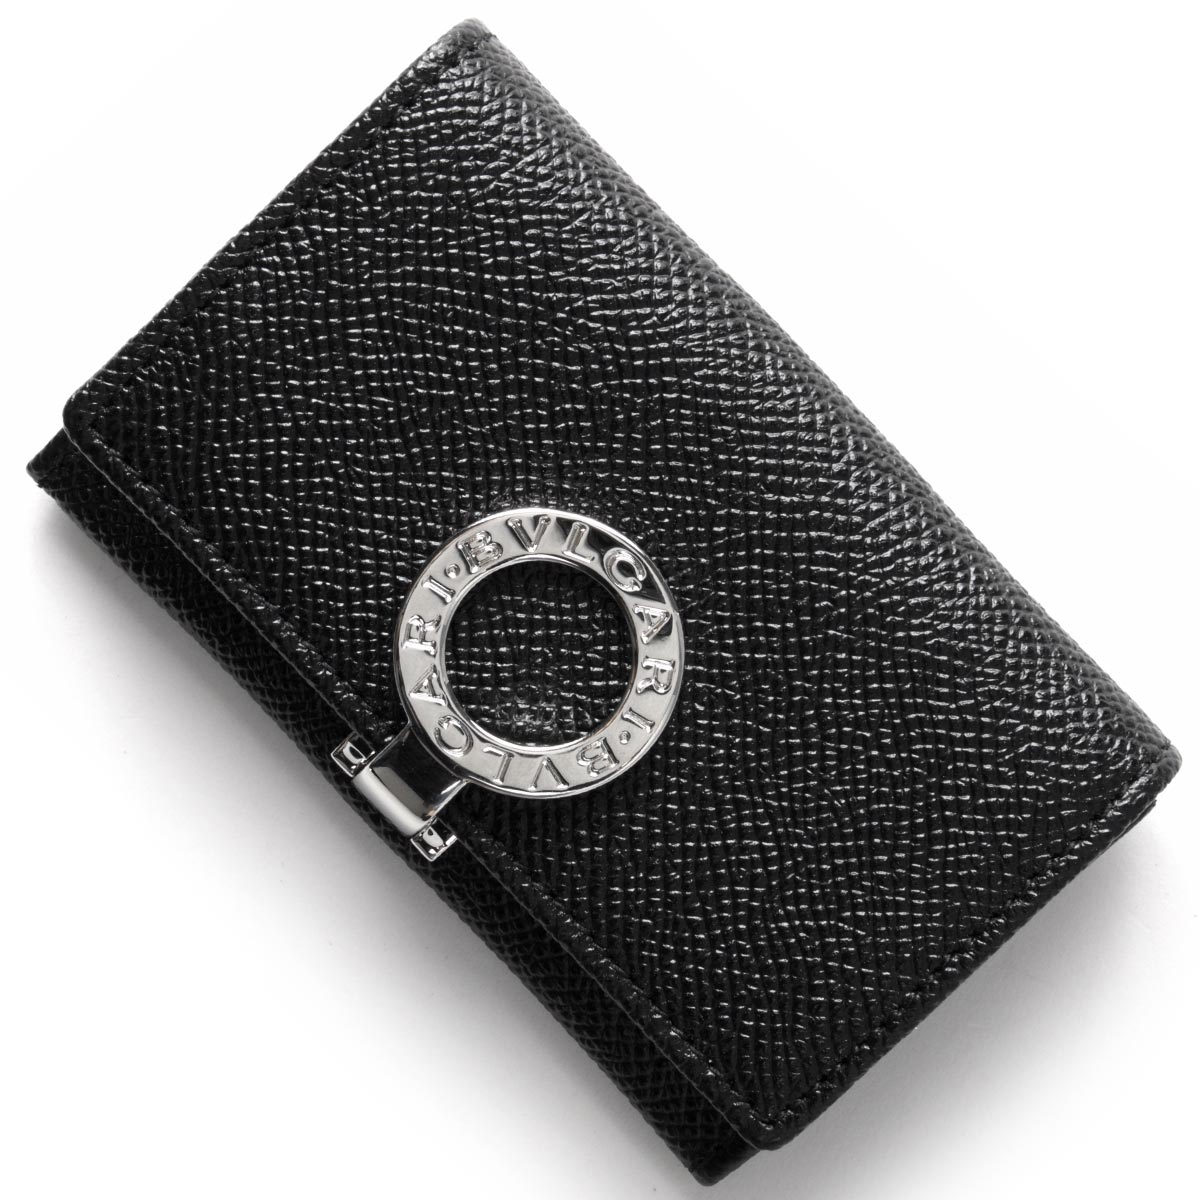 ブルガリ コインケース【小銭入れ】 財布 メンズ ブルガリブルガリ レザー ブラック 33749 BVLGARI